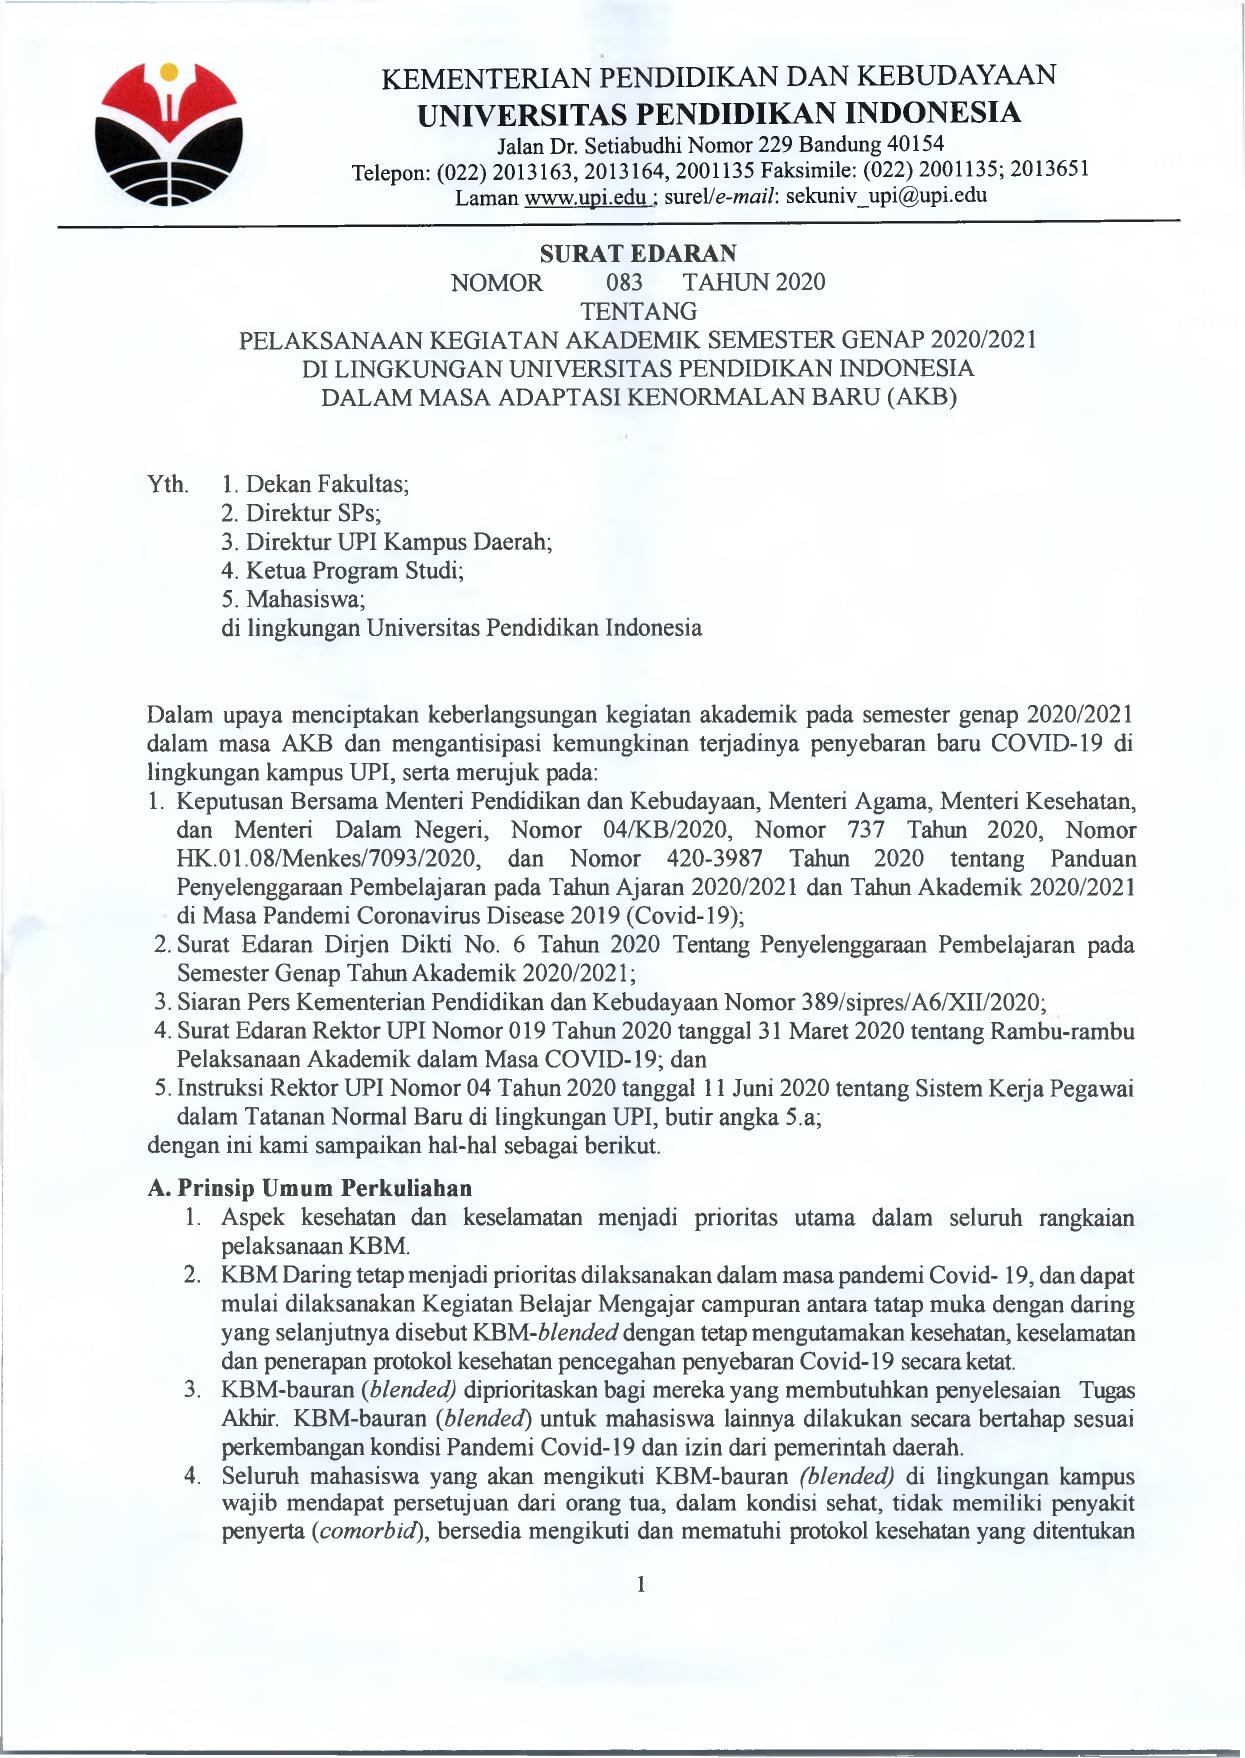 Surat Edaran Pelaksanaan Kegiatan Akademik Semester Genap 202020-2021 di Lingkungan UPI dalam Masa Adaptasi Kenormalan Baru AKB